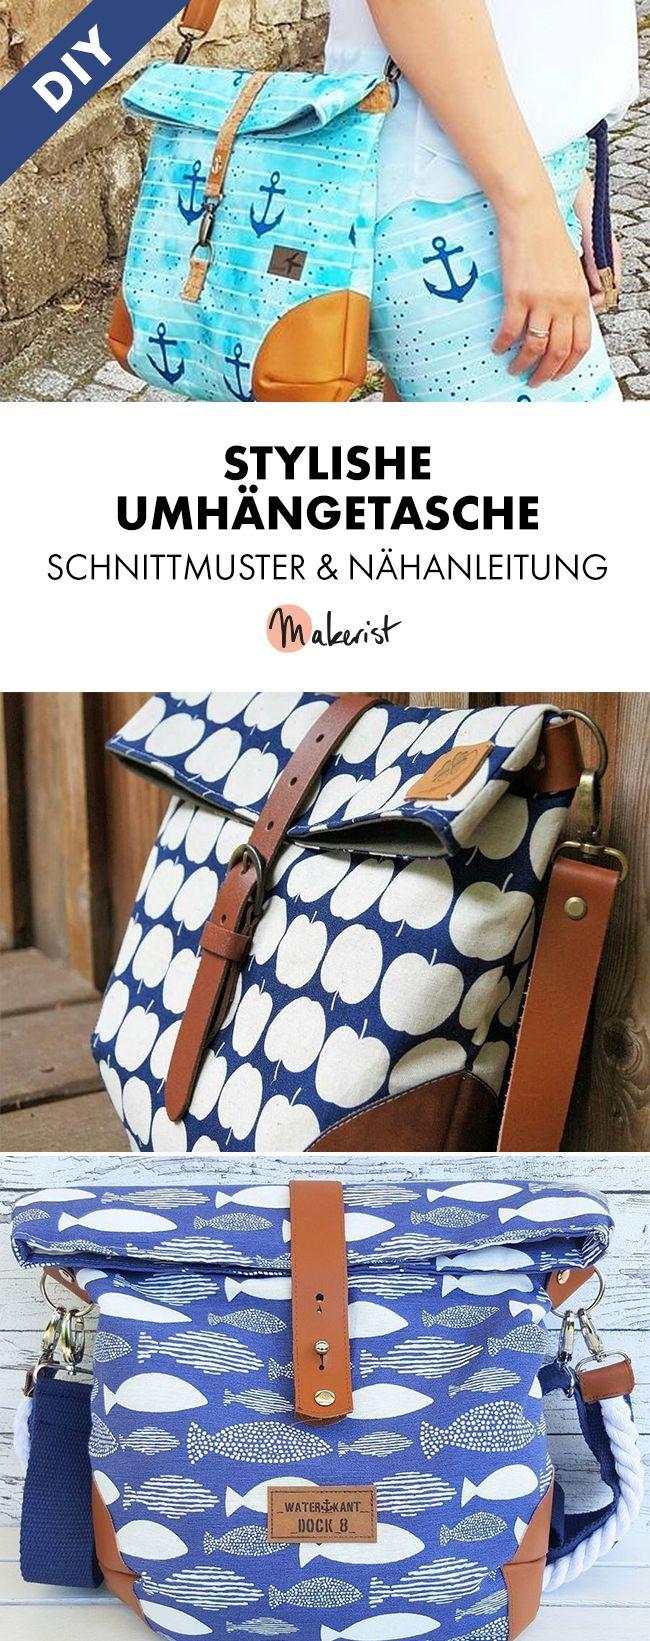 Umhängetasche für alle Gelegenheiten - Nähanleitung und Schnittmuster via Makerist.de #bagpatterns